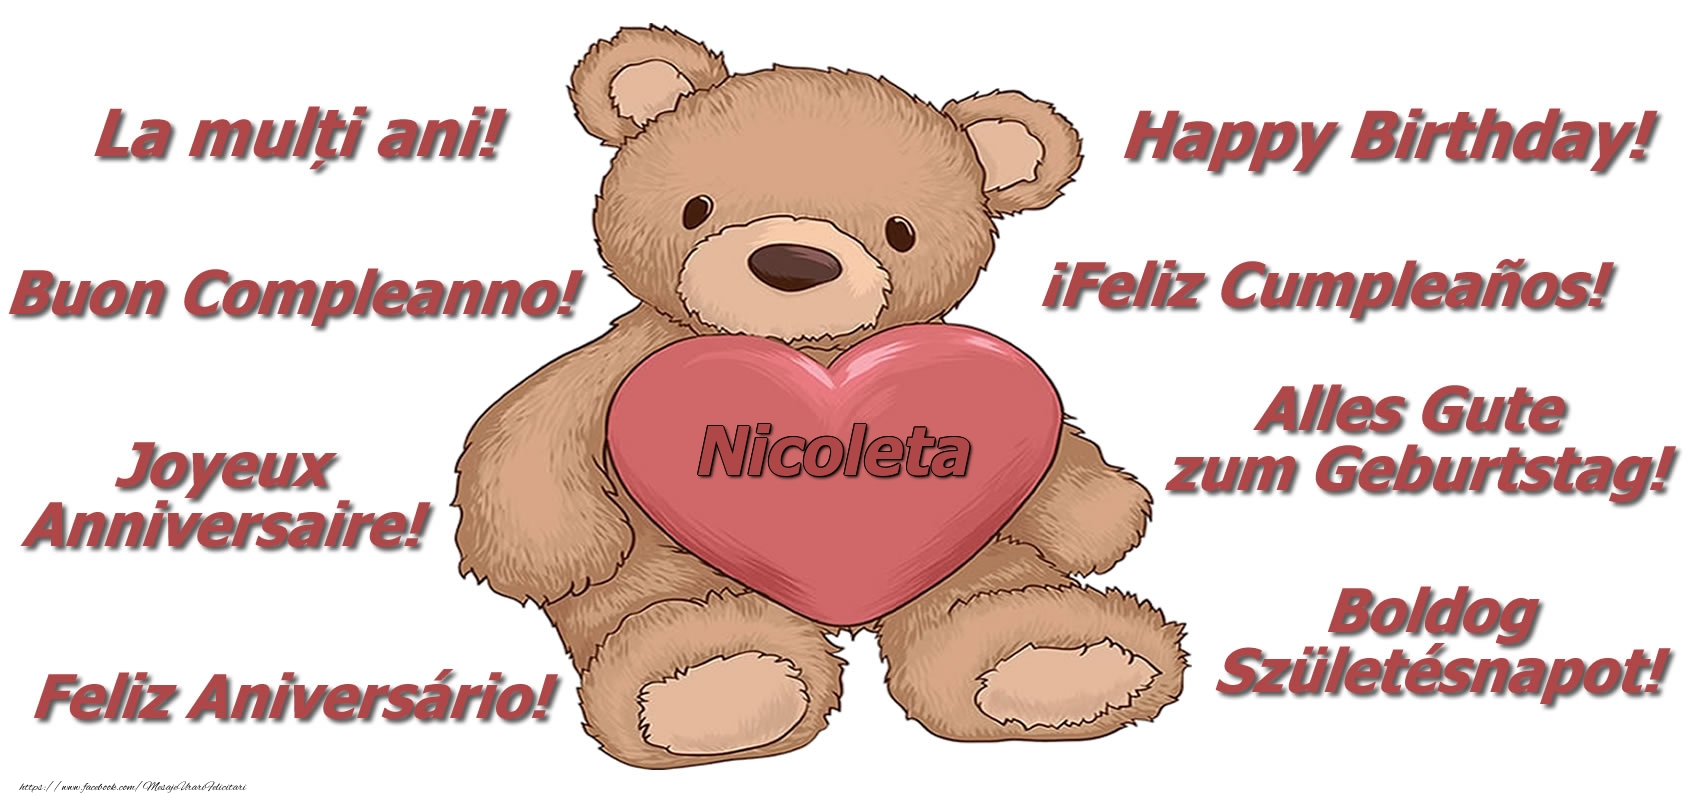 Felicitari de zi de nastere - La multi ani Nicoleta! - Ursulet